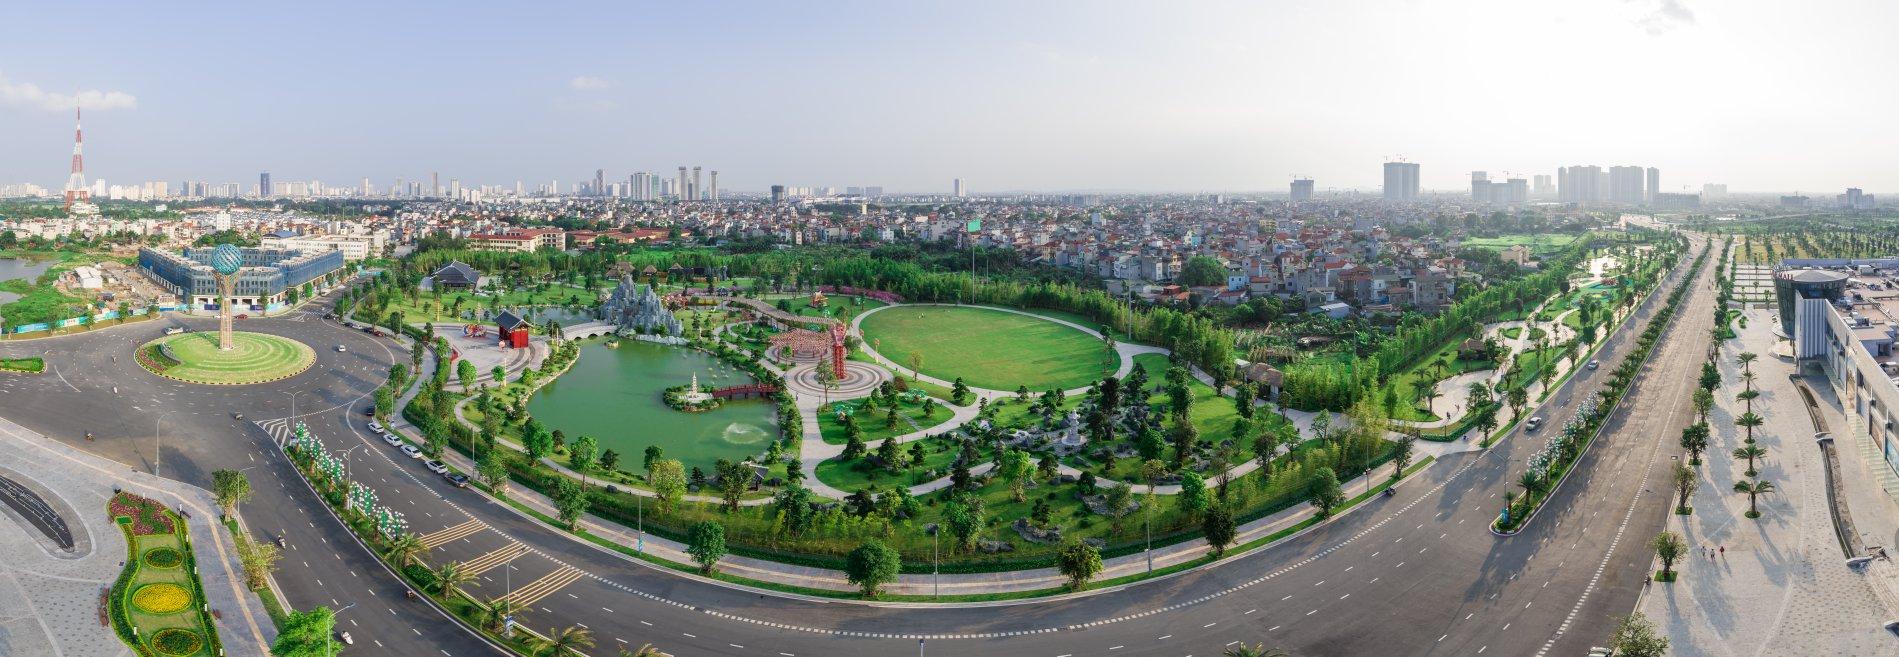 Vườn Nhật đẳng cấp Vinhomes Smart City